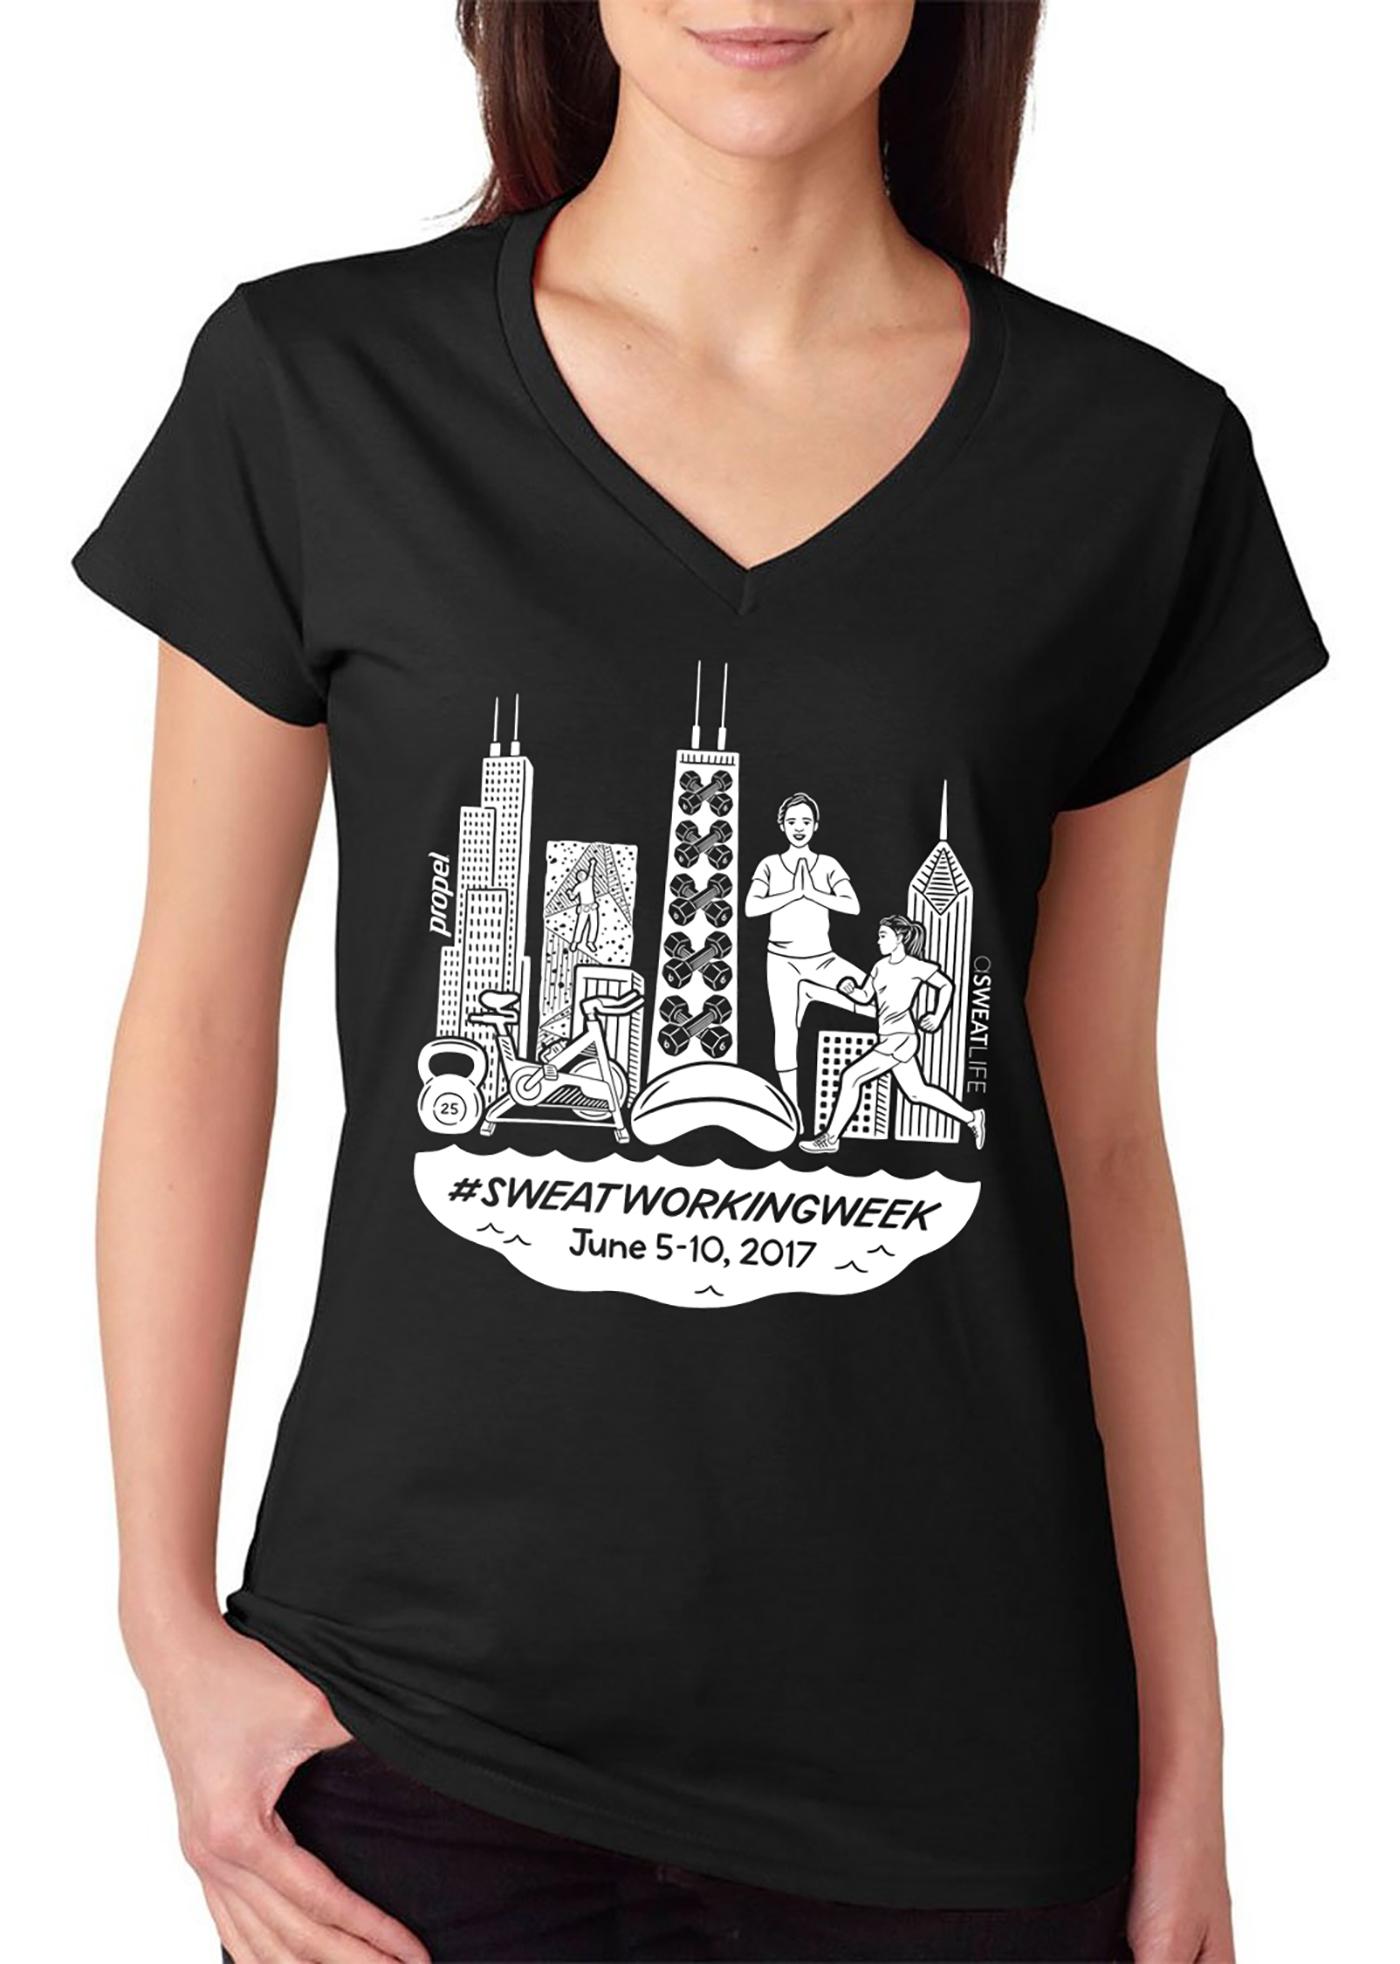 SweatworkingWeek_tshirt